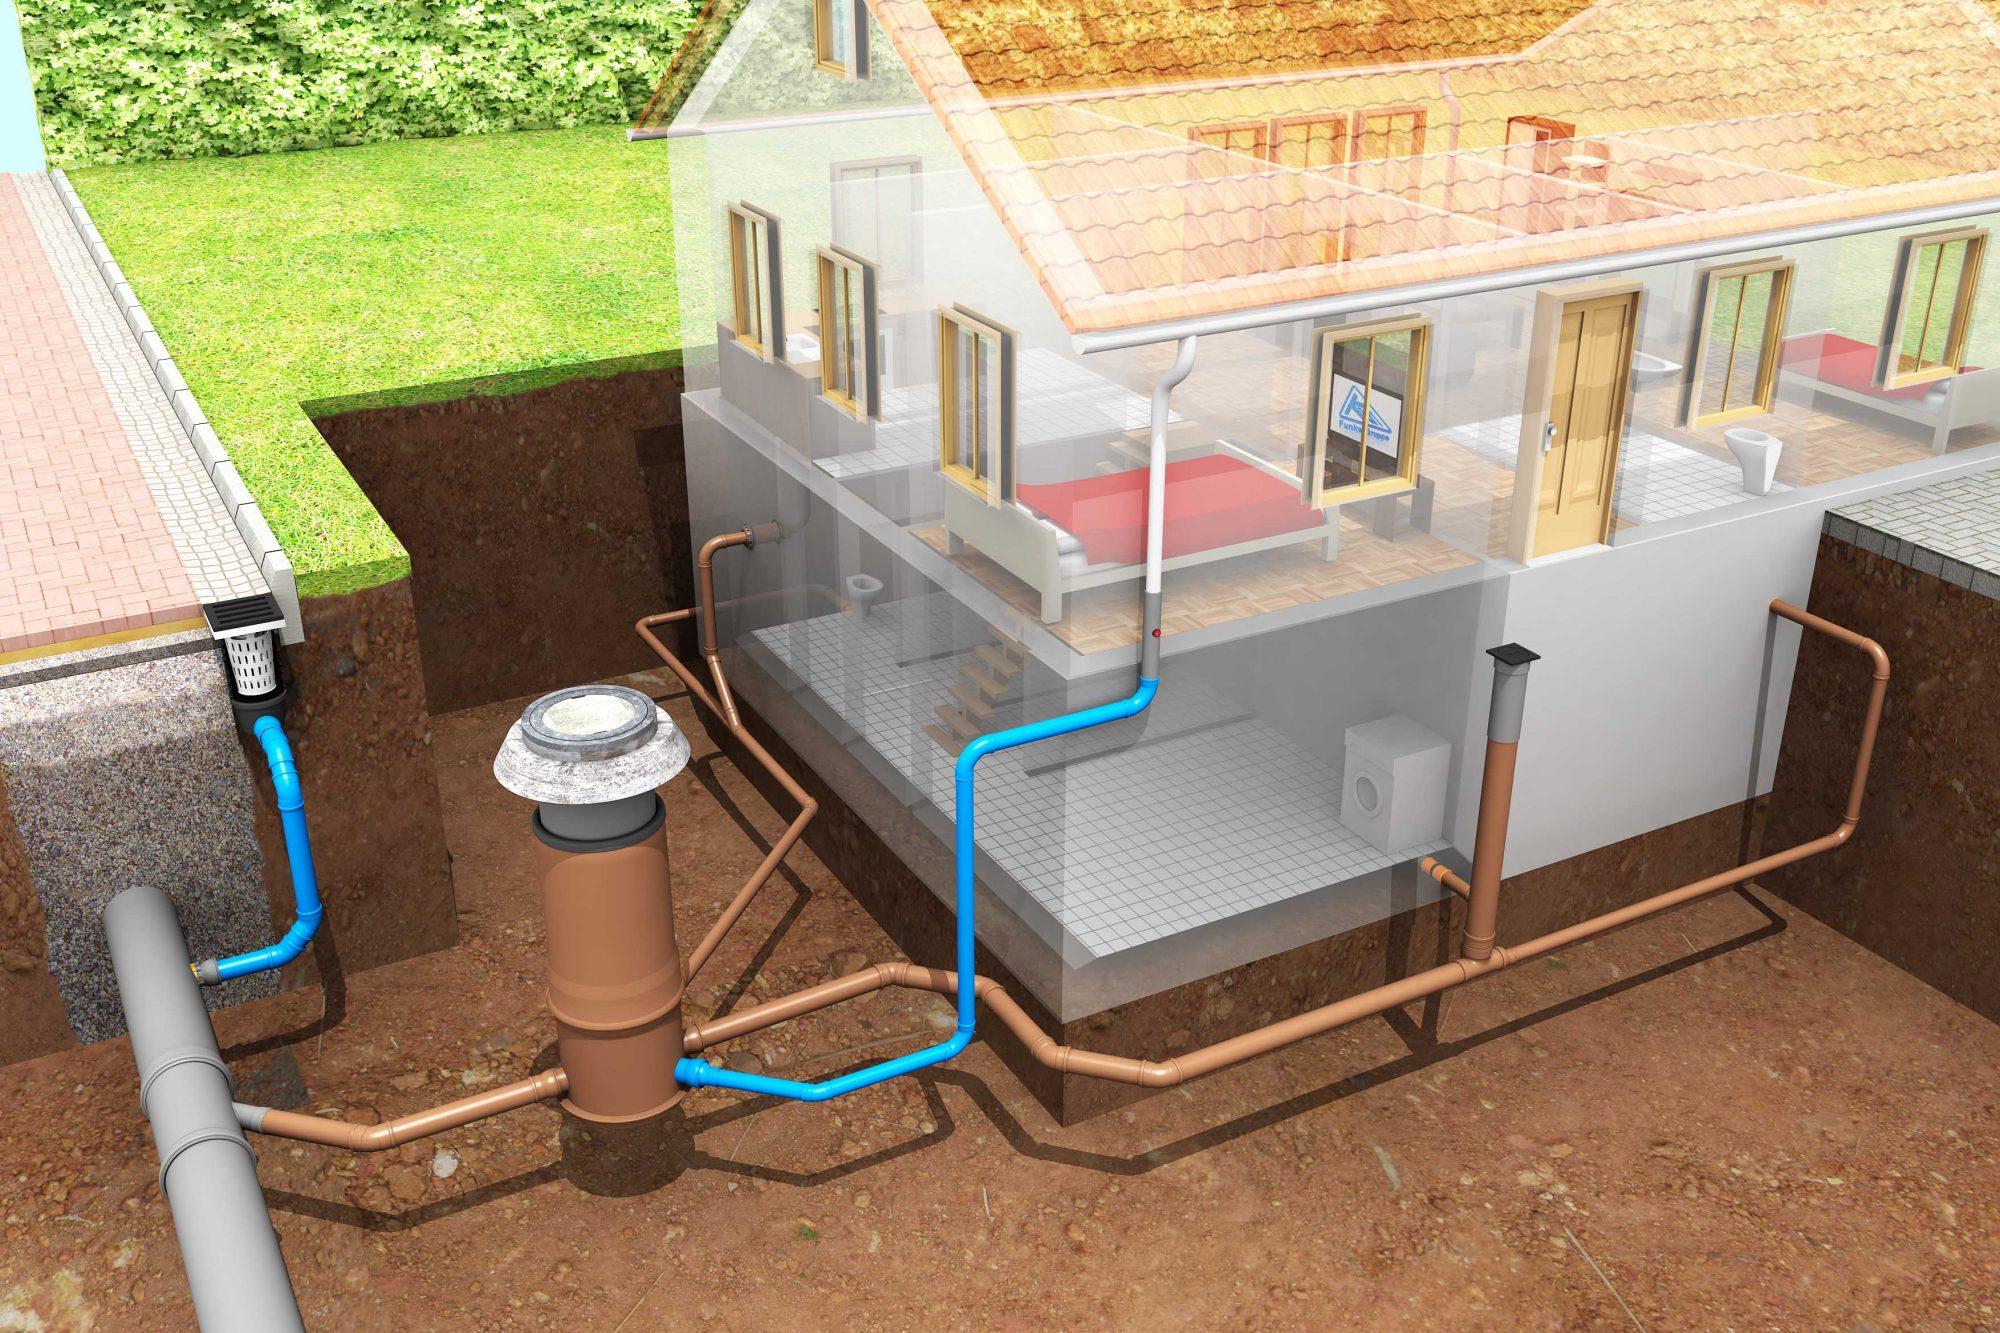 Mischwassersystem 1 Schacht Mit Keller © Funke